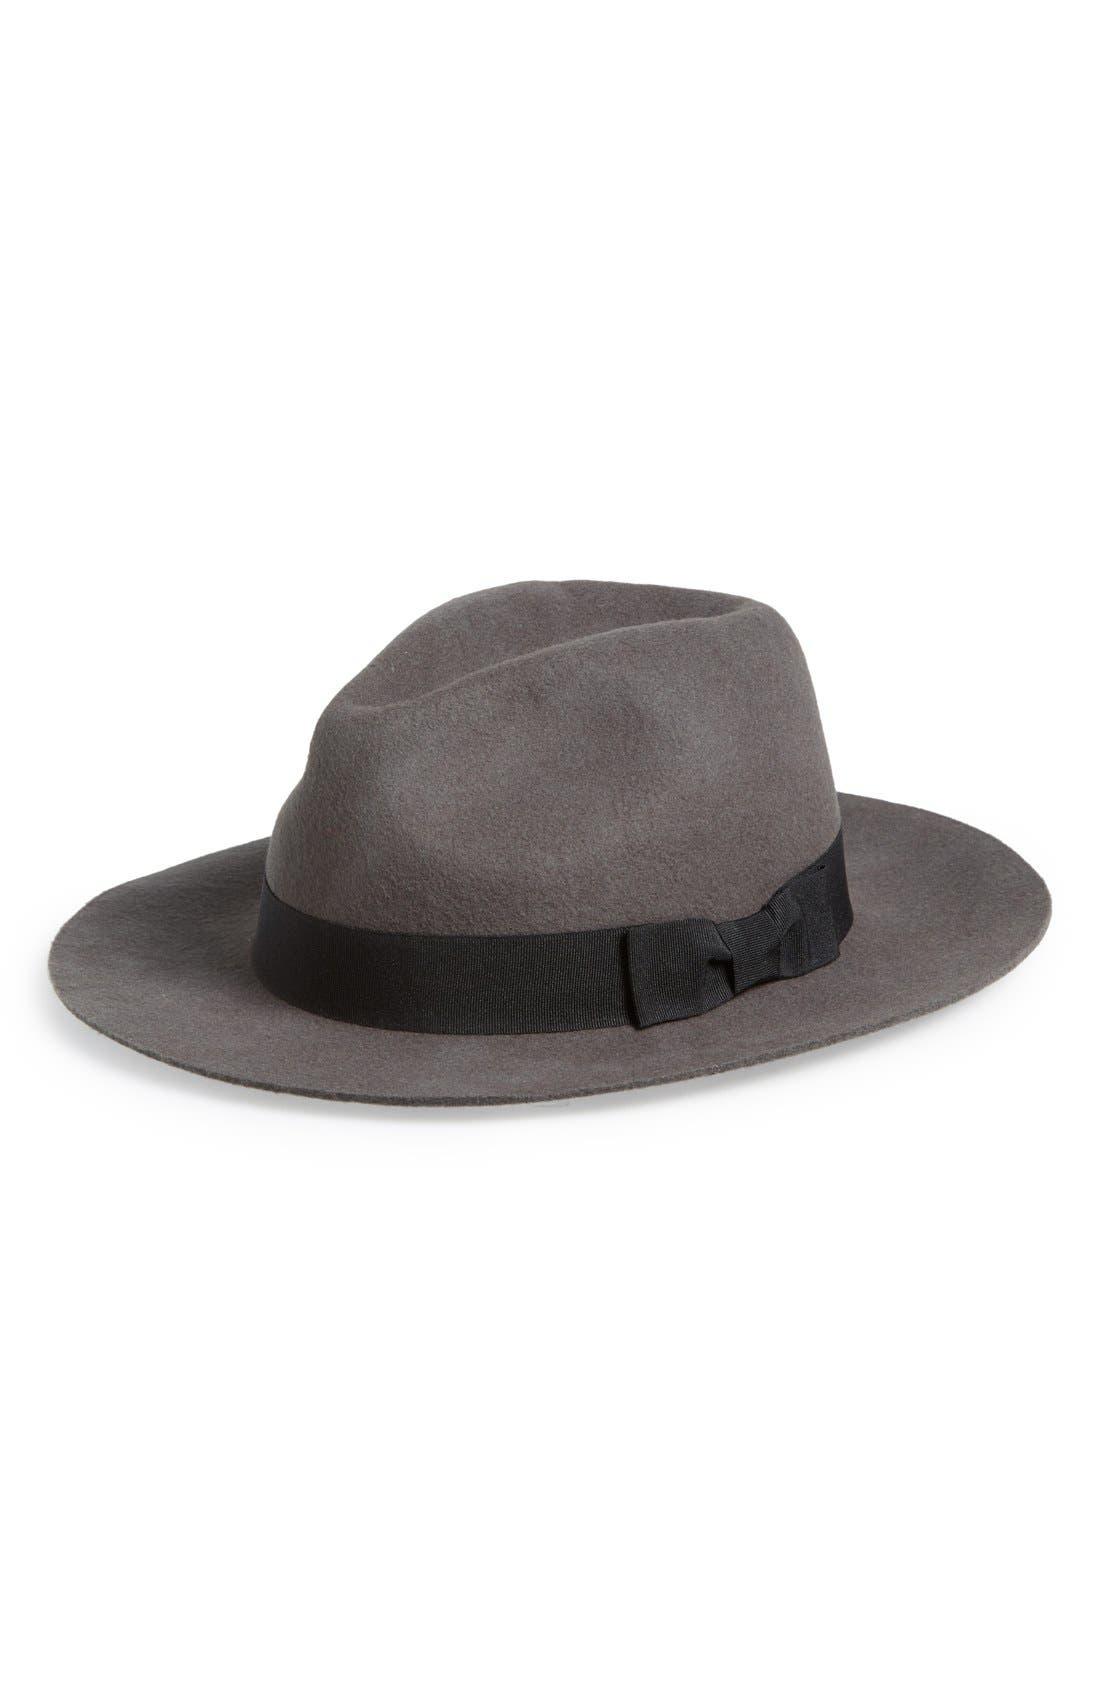 Alternate Image 1 Selected - BP. Wool Panama Hat